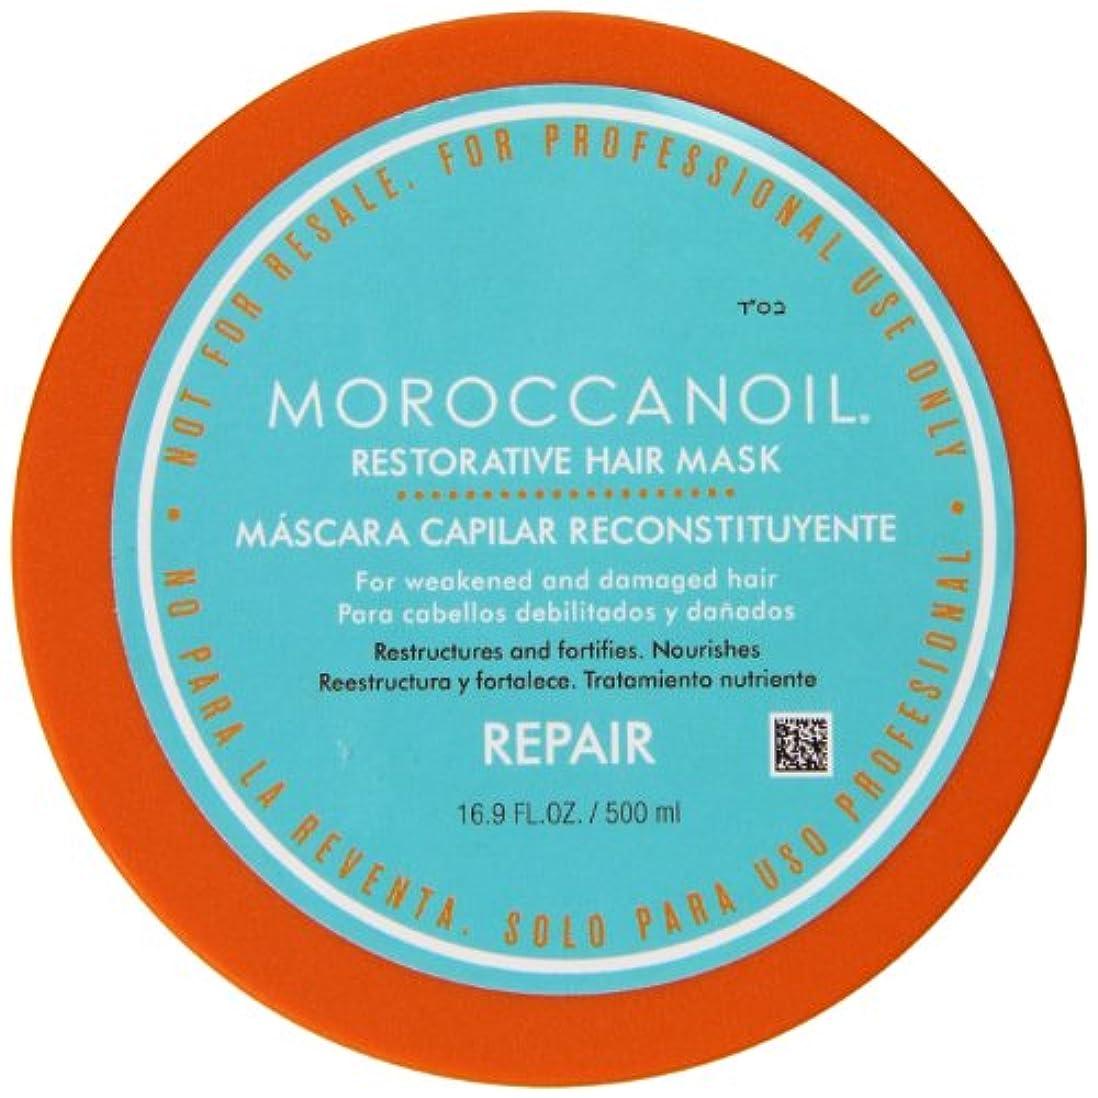 マイルド完璧トランスペアレントモロッカンオイル リストラクティブ ヘア マスク (ダメージを受けた髪用) 500ml/16.9oz並行輸入品